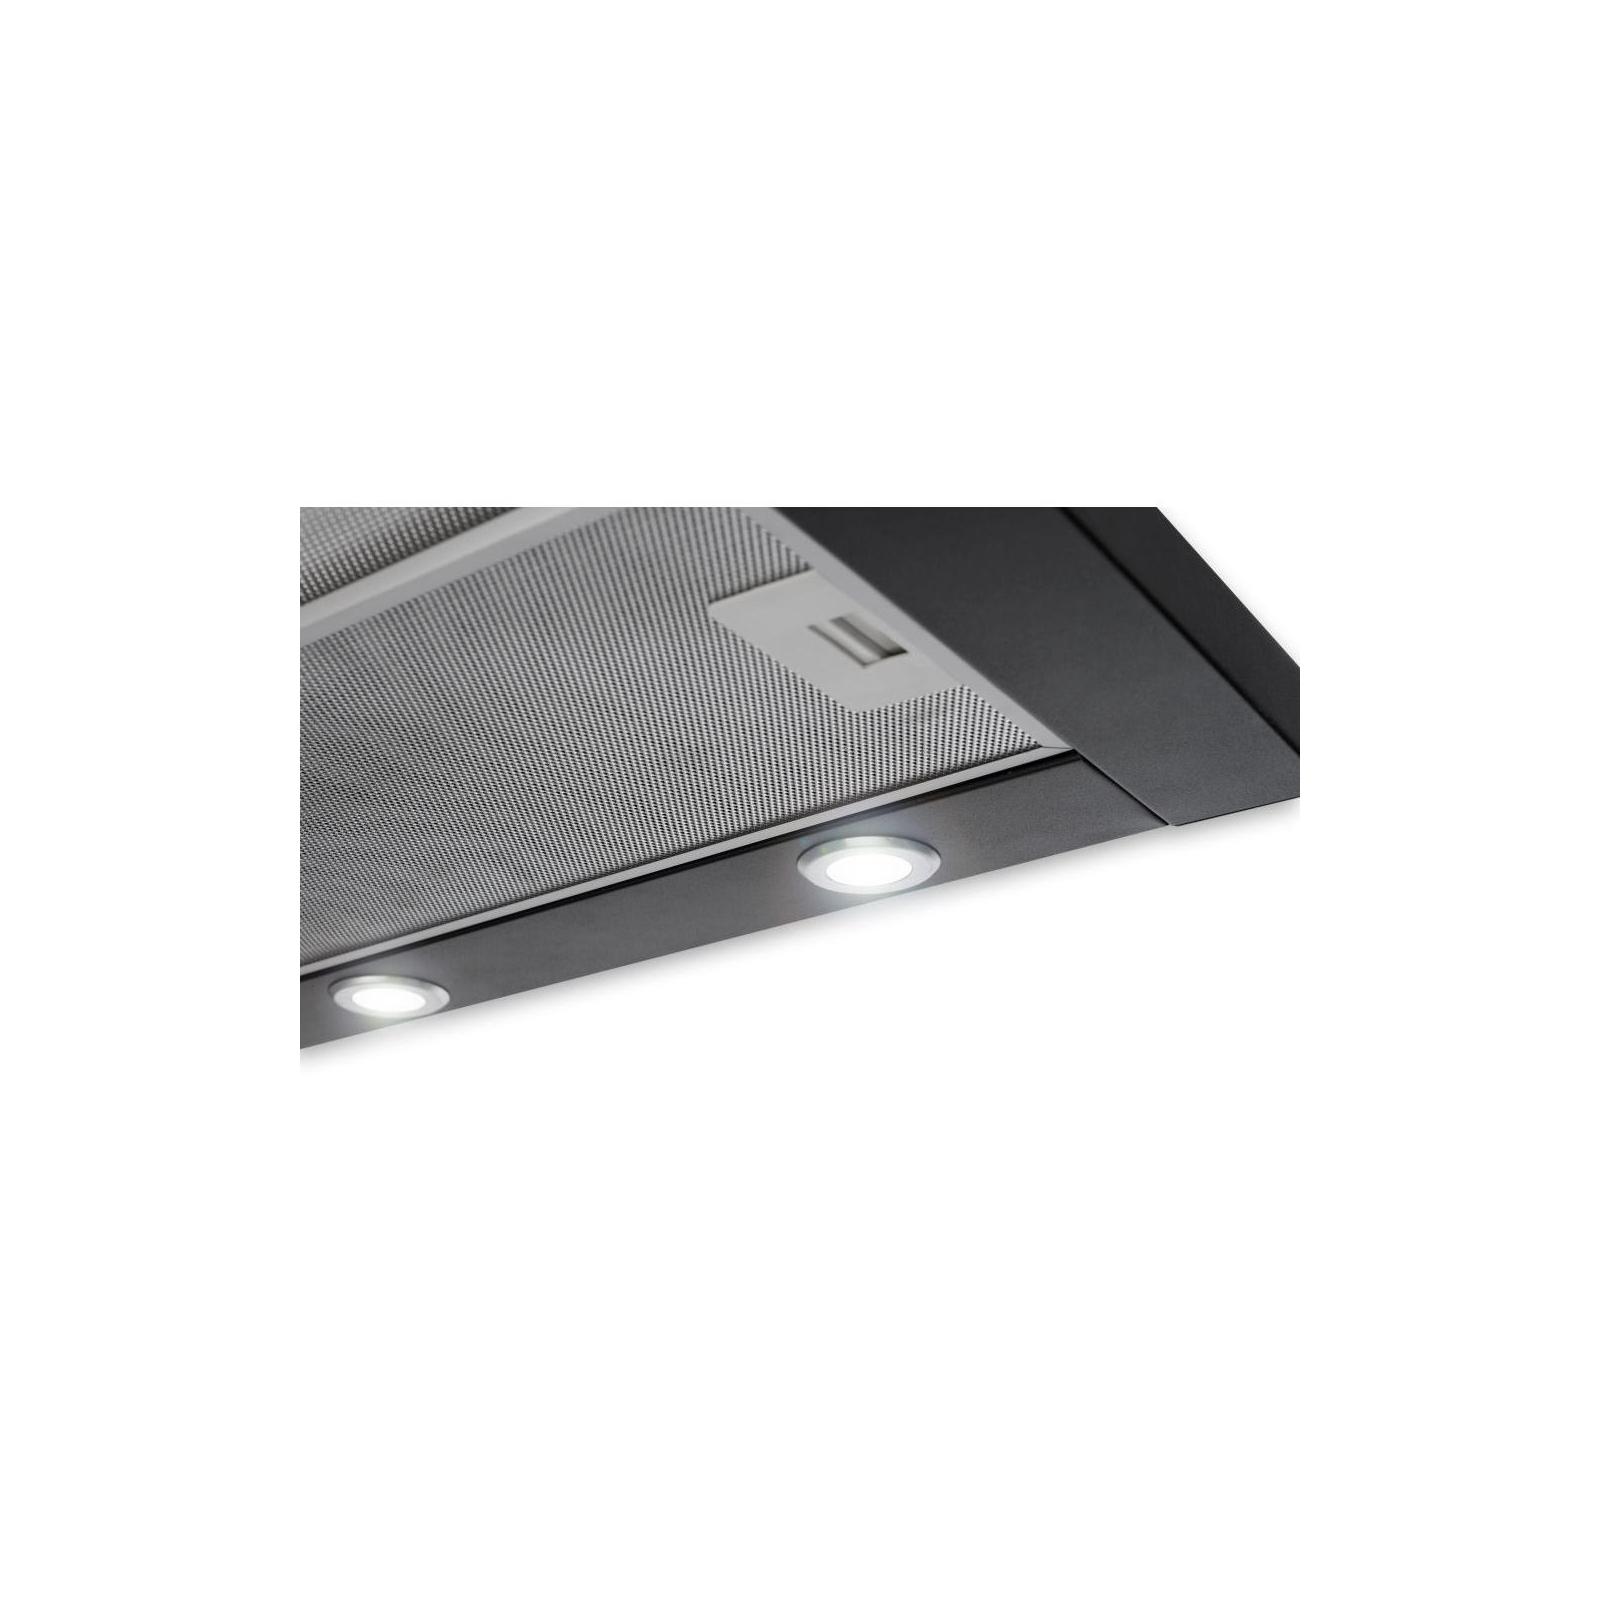 Вытяжка кухонная MINOLA HTL 6062 I/BL GLASS 450 LED изображение 8